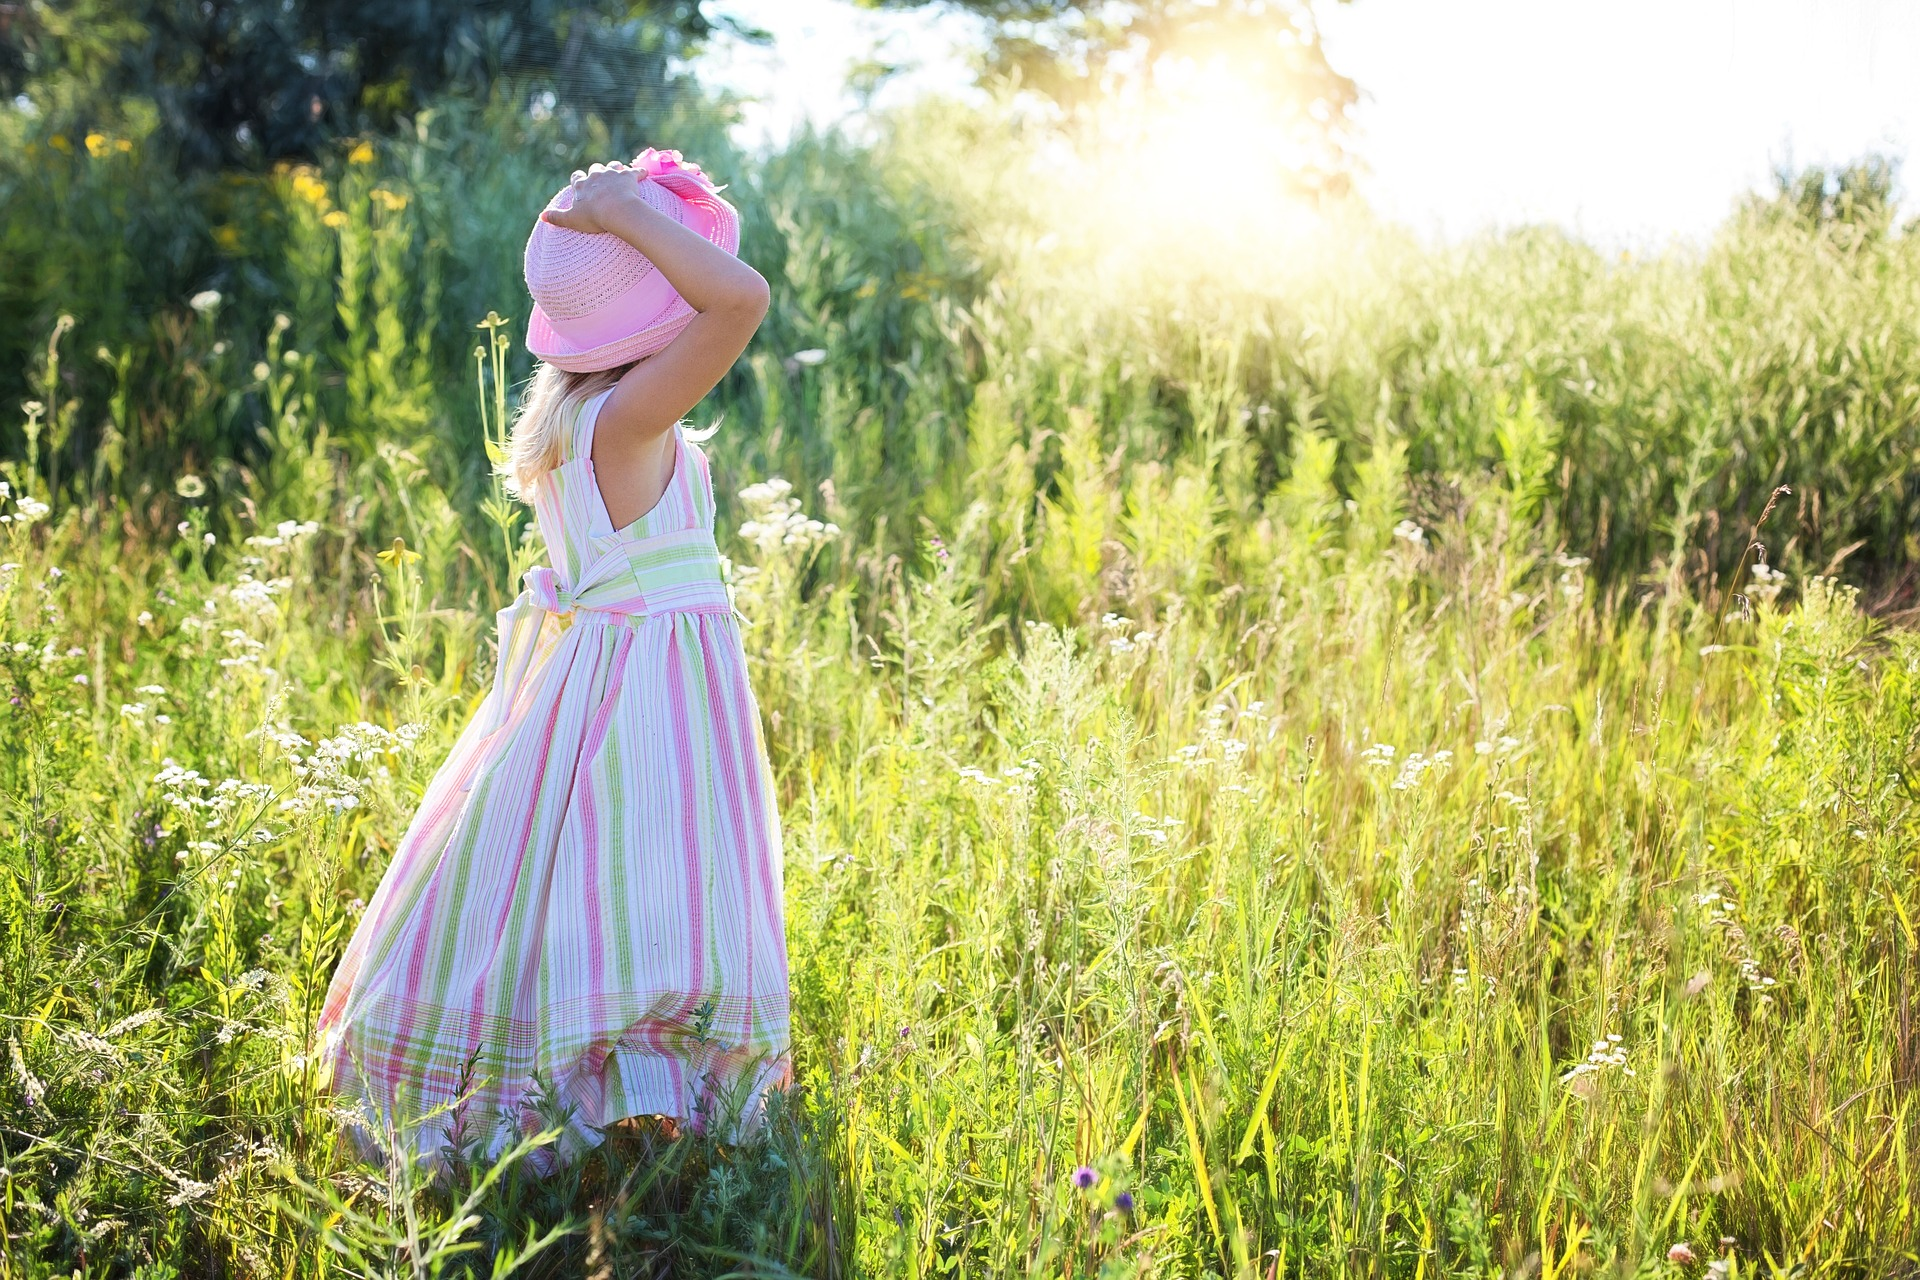 little-girl-2516582_1920